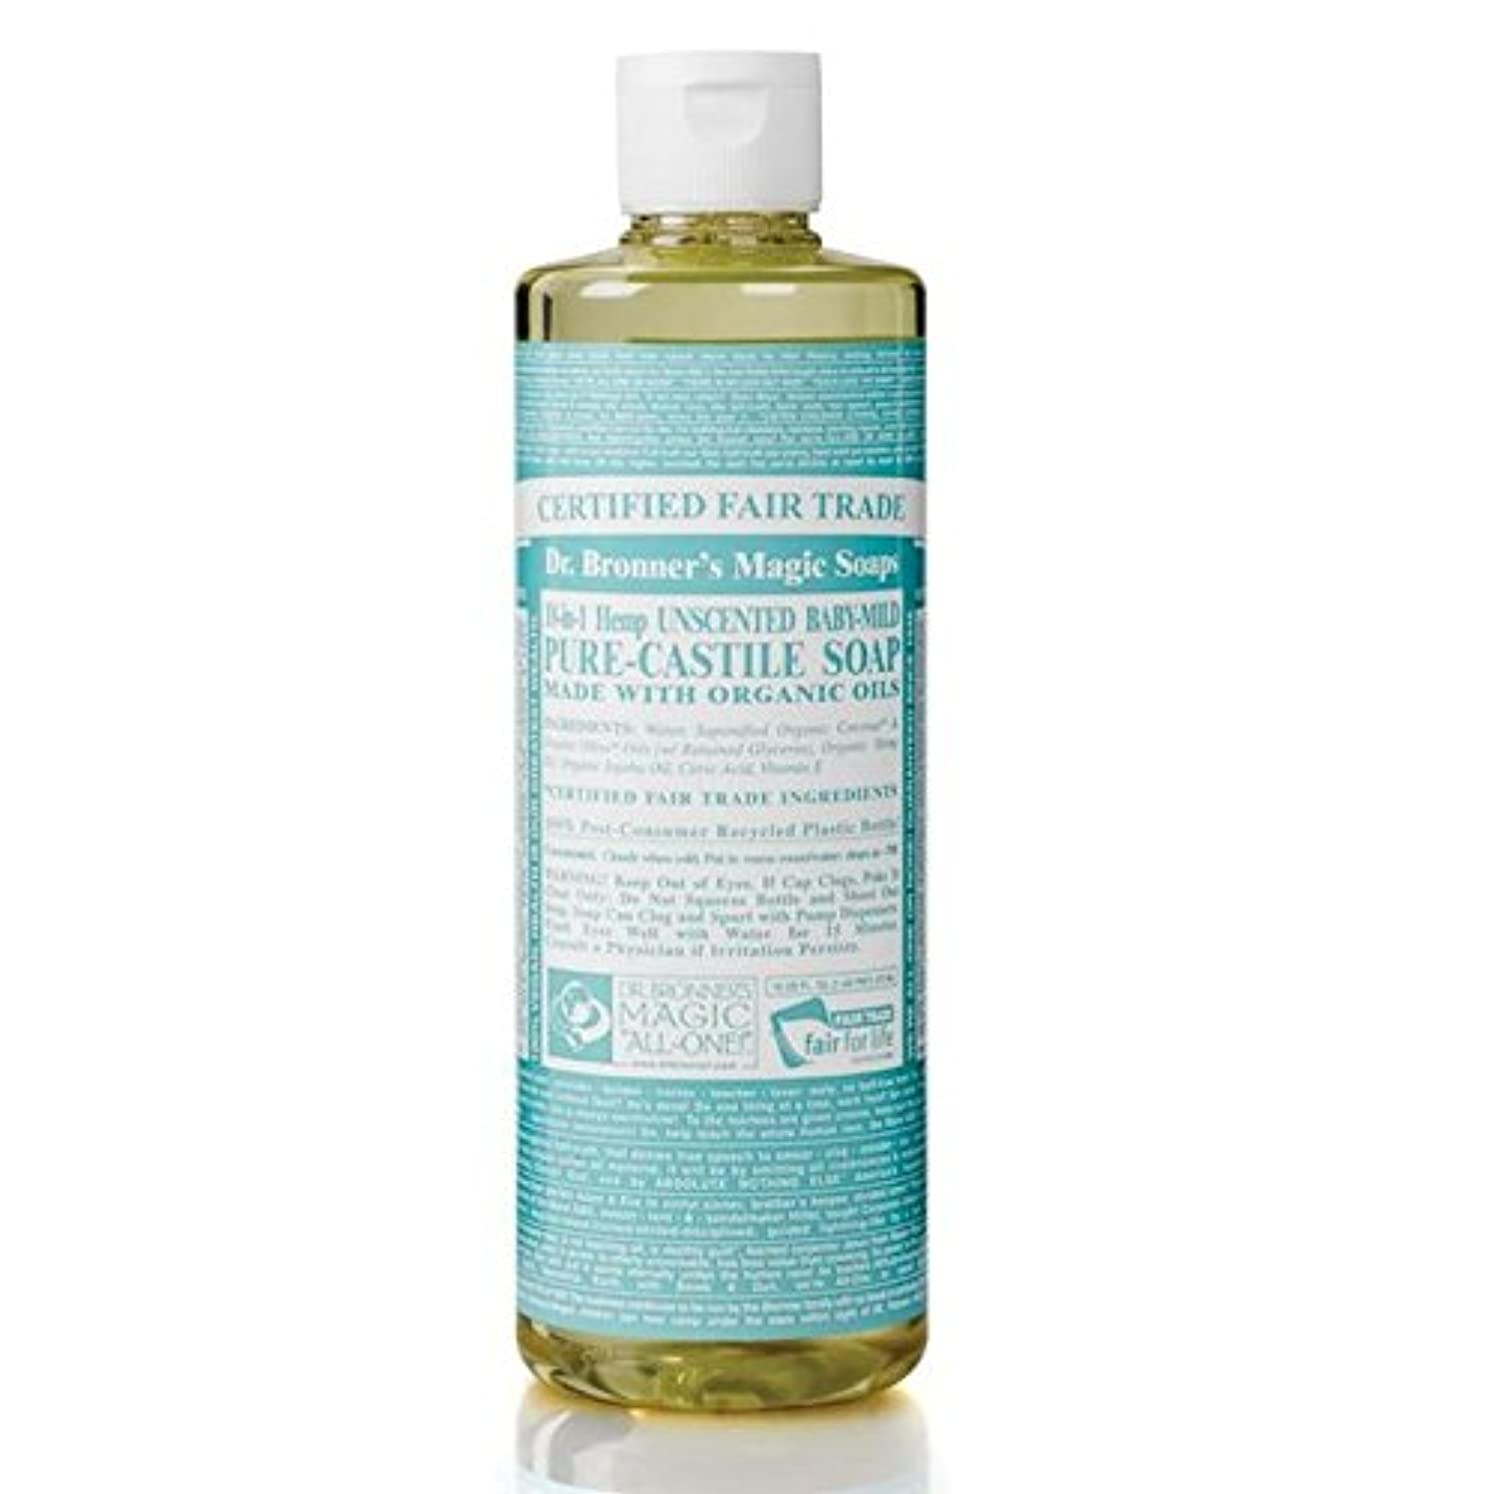 公演八百屋びっくりDr Bronner Organic Baby Mild Castile Liquid Soap 473ml - のブロナーオーガニックベビーマイルドなカスティーリャ液体石鹸473ミリリットル [並行輸入品]